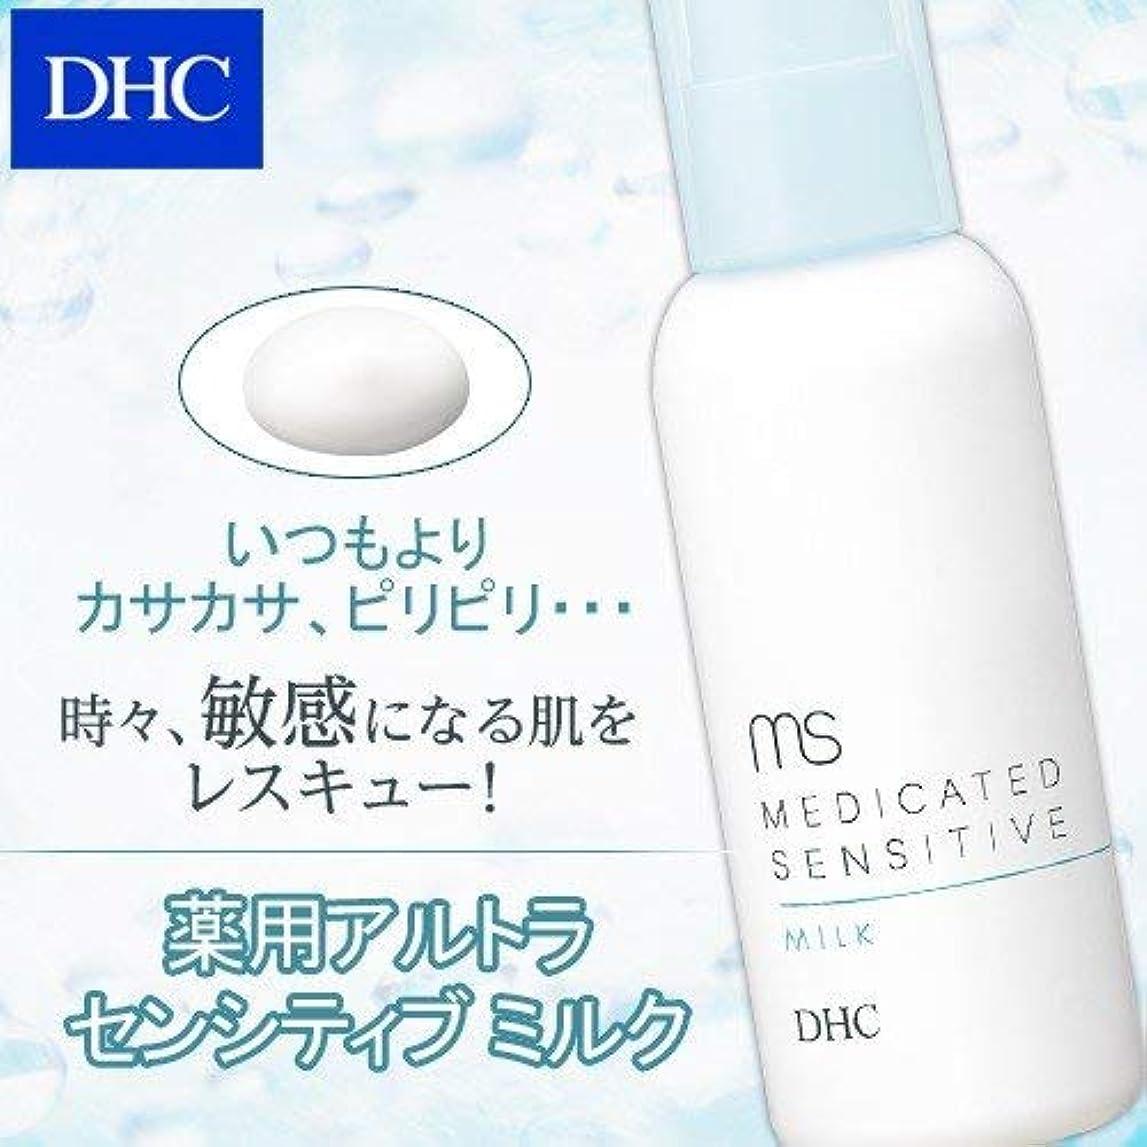 包帯薄暗い交流するDHC薬用アルトラセンシティブ ミルク